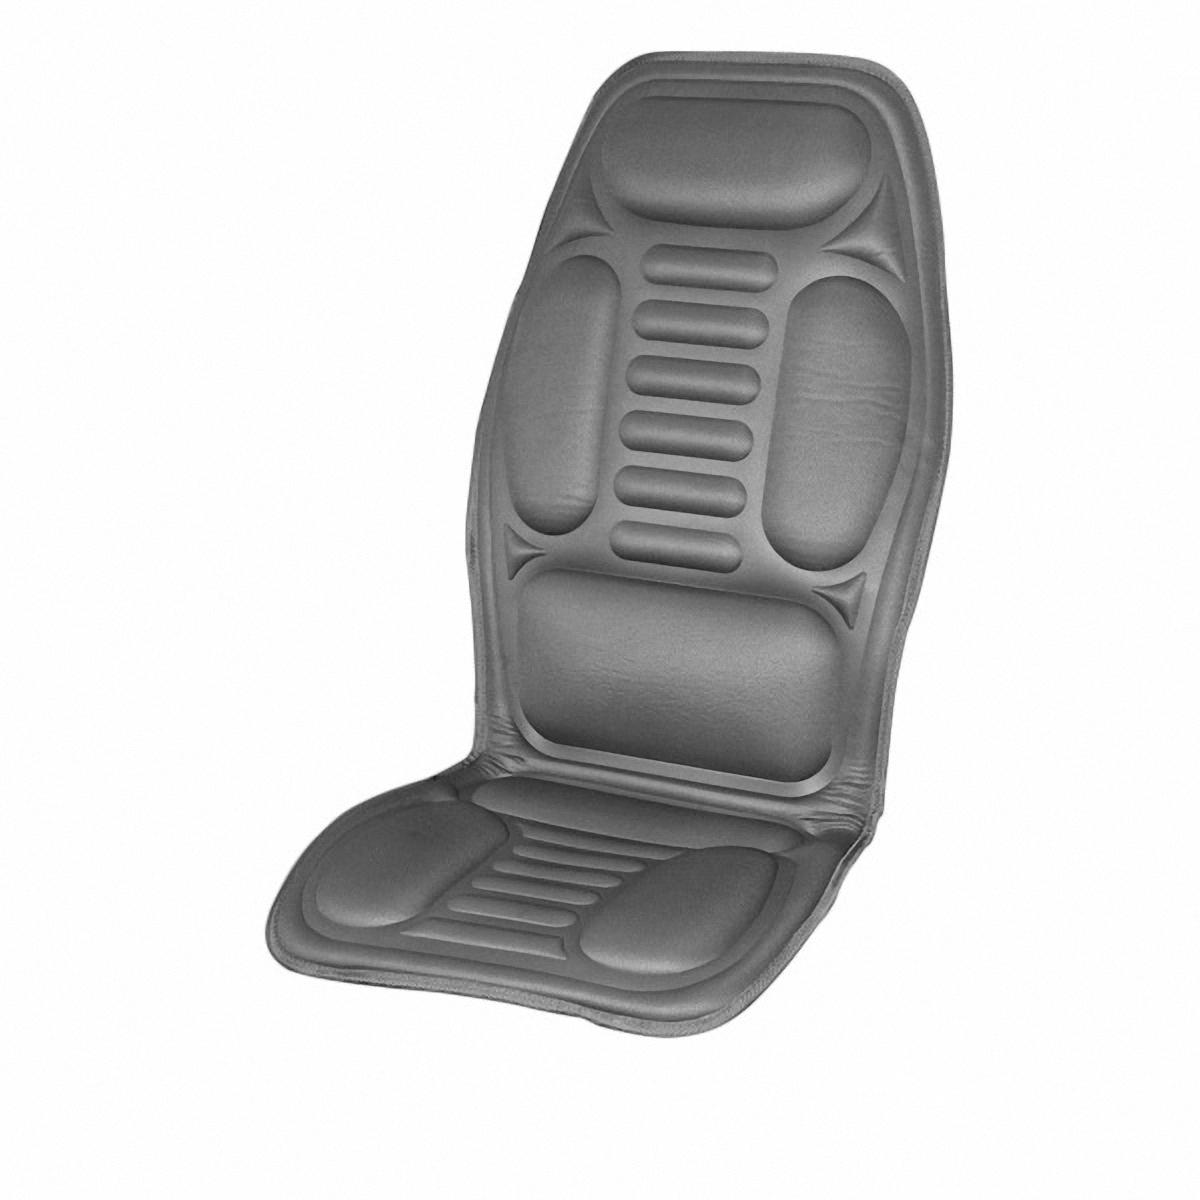 Подогрев для сиденья Skyway, со спинкой, цвет: серый, 120 х 51 смст18фВ подогреве для сиденья Skyway в качестве теплоносителя применяется углеродный материал. Такой нагреватель обладает феноменальной гибкостью и прочностью на разрыв в отличие от аналогов, изготовленных из медного или иного металлического провода.Подогрев крепятся ремнями к креслу автомобиля и подключается к бортовой сети через гнездо прикуривателя.Особенности:- Универсальный размер.- Снижает усталость при управлении автомобилем.- Обеспечивает комфортное вождение в холодное время года.- Простая и быстрая установка.- Умеренный и интенсивный режим нагрева.- Терморегулятор для изменения интенсивности нагрева.- Защита крепления шнура питания к подогреву.Устройство подключается к прикуривателю на 12В